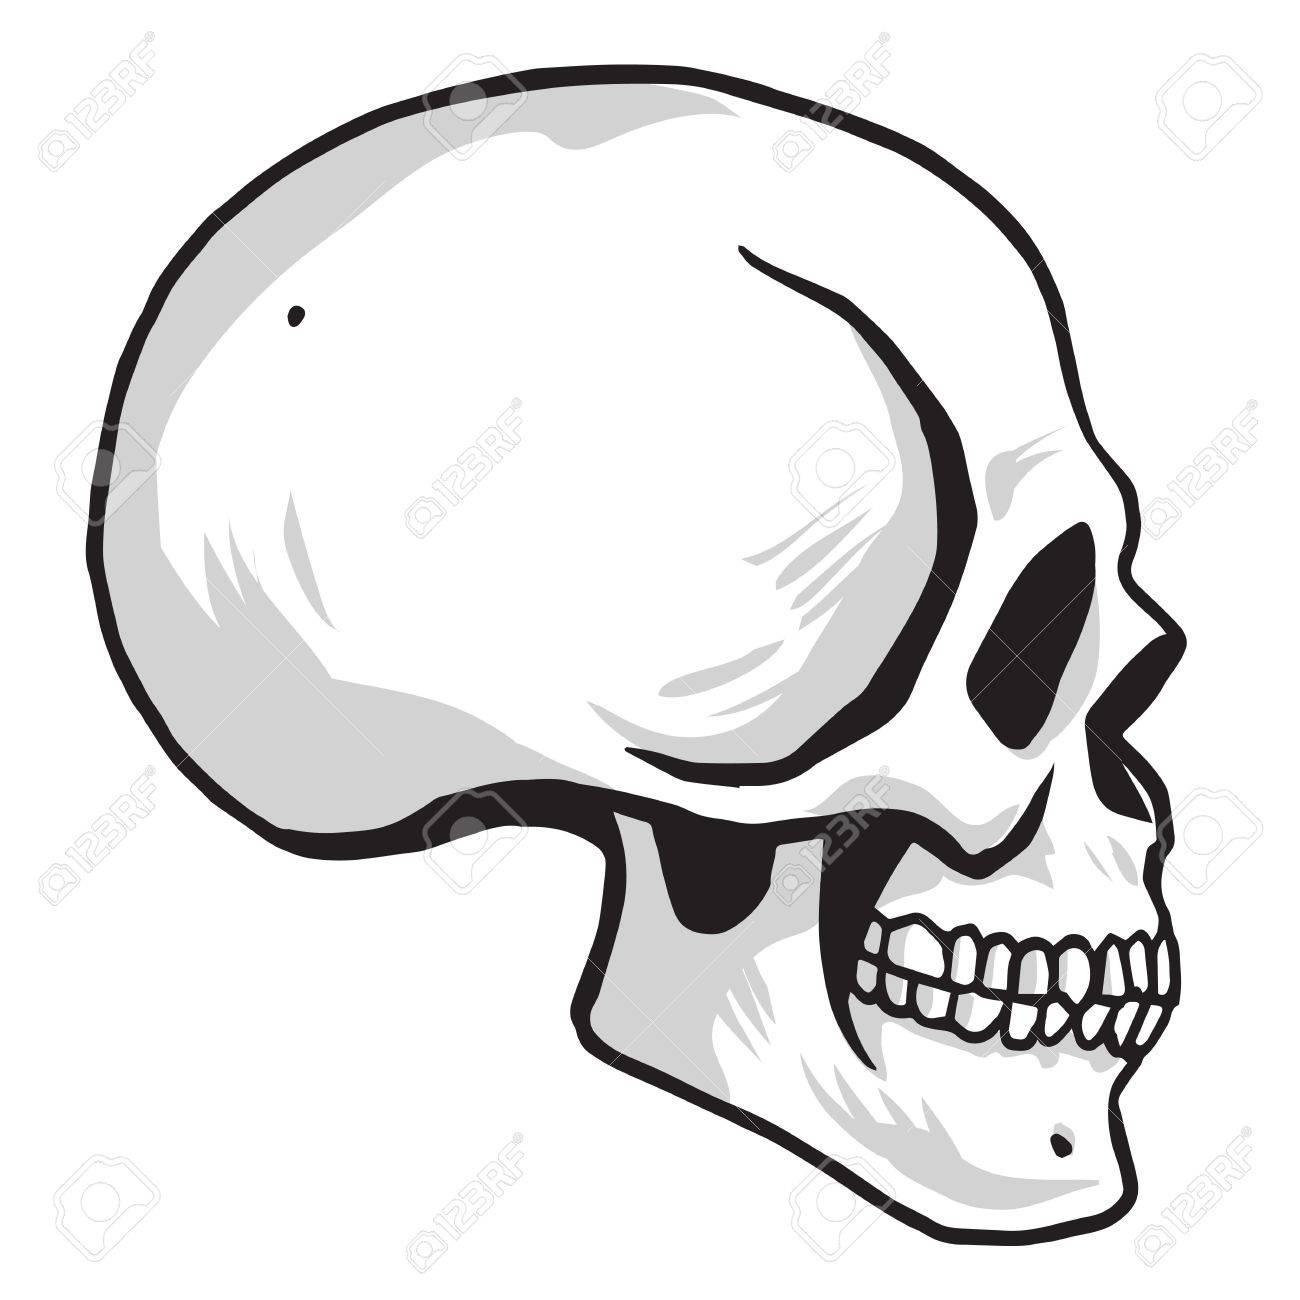 skull vector illustration drawing royalty free cliparts vectors rh 123rf com sugar skull vector art skull artwork vector